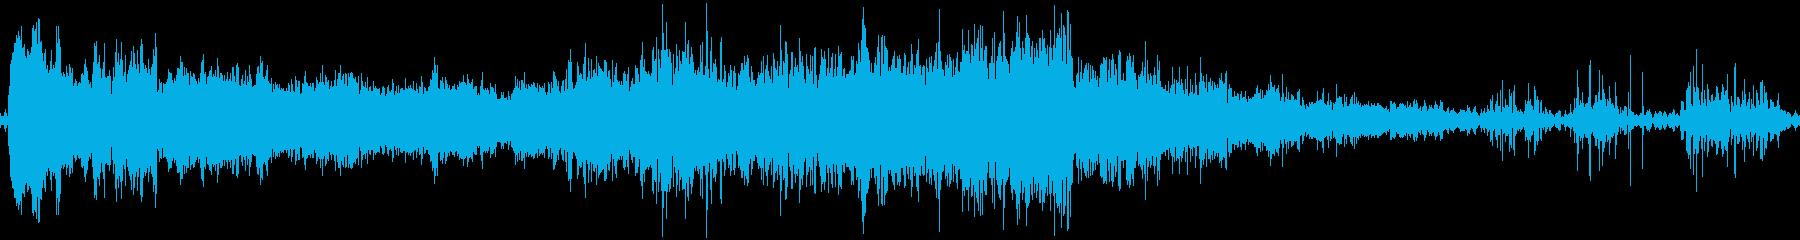 カプチーノの高い泣き声の泡の再生済みの波形